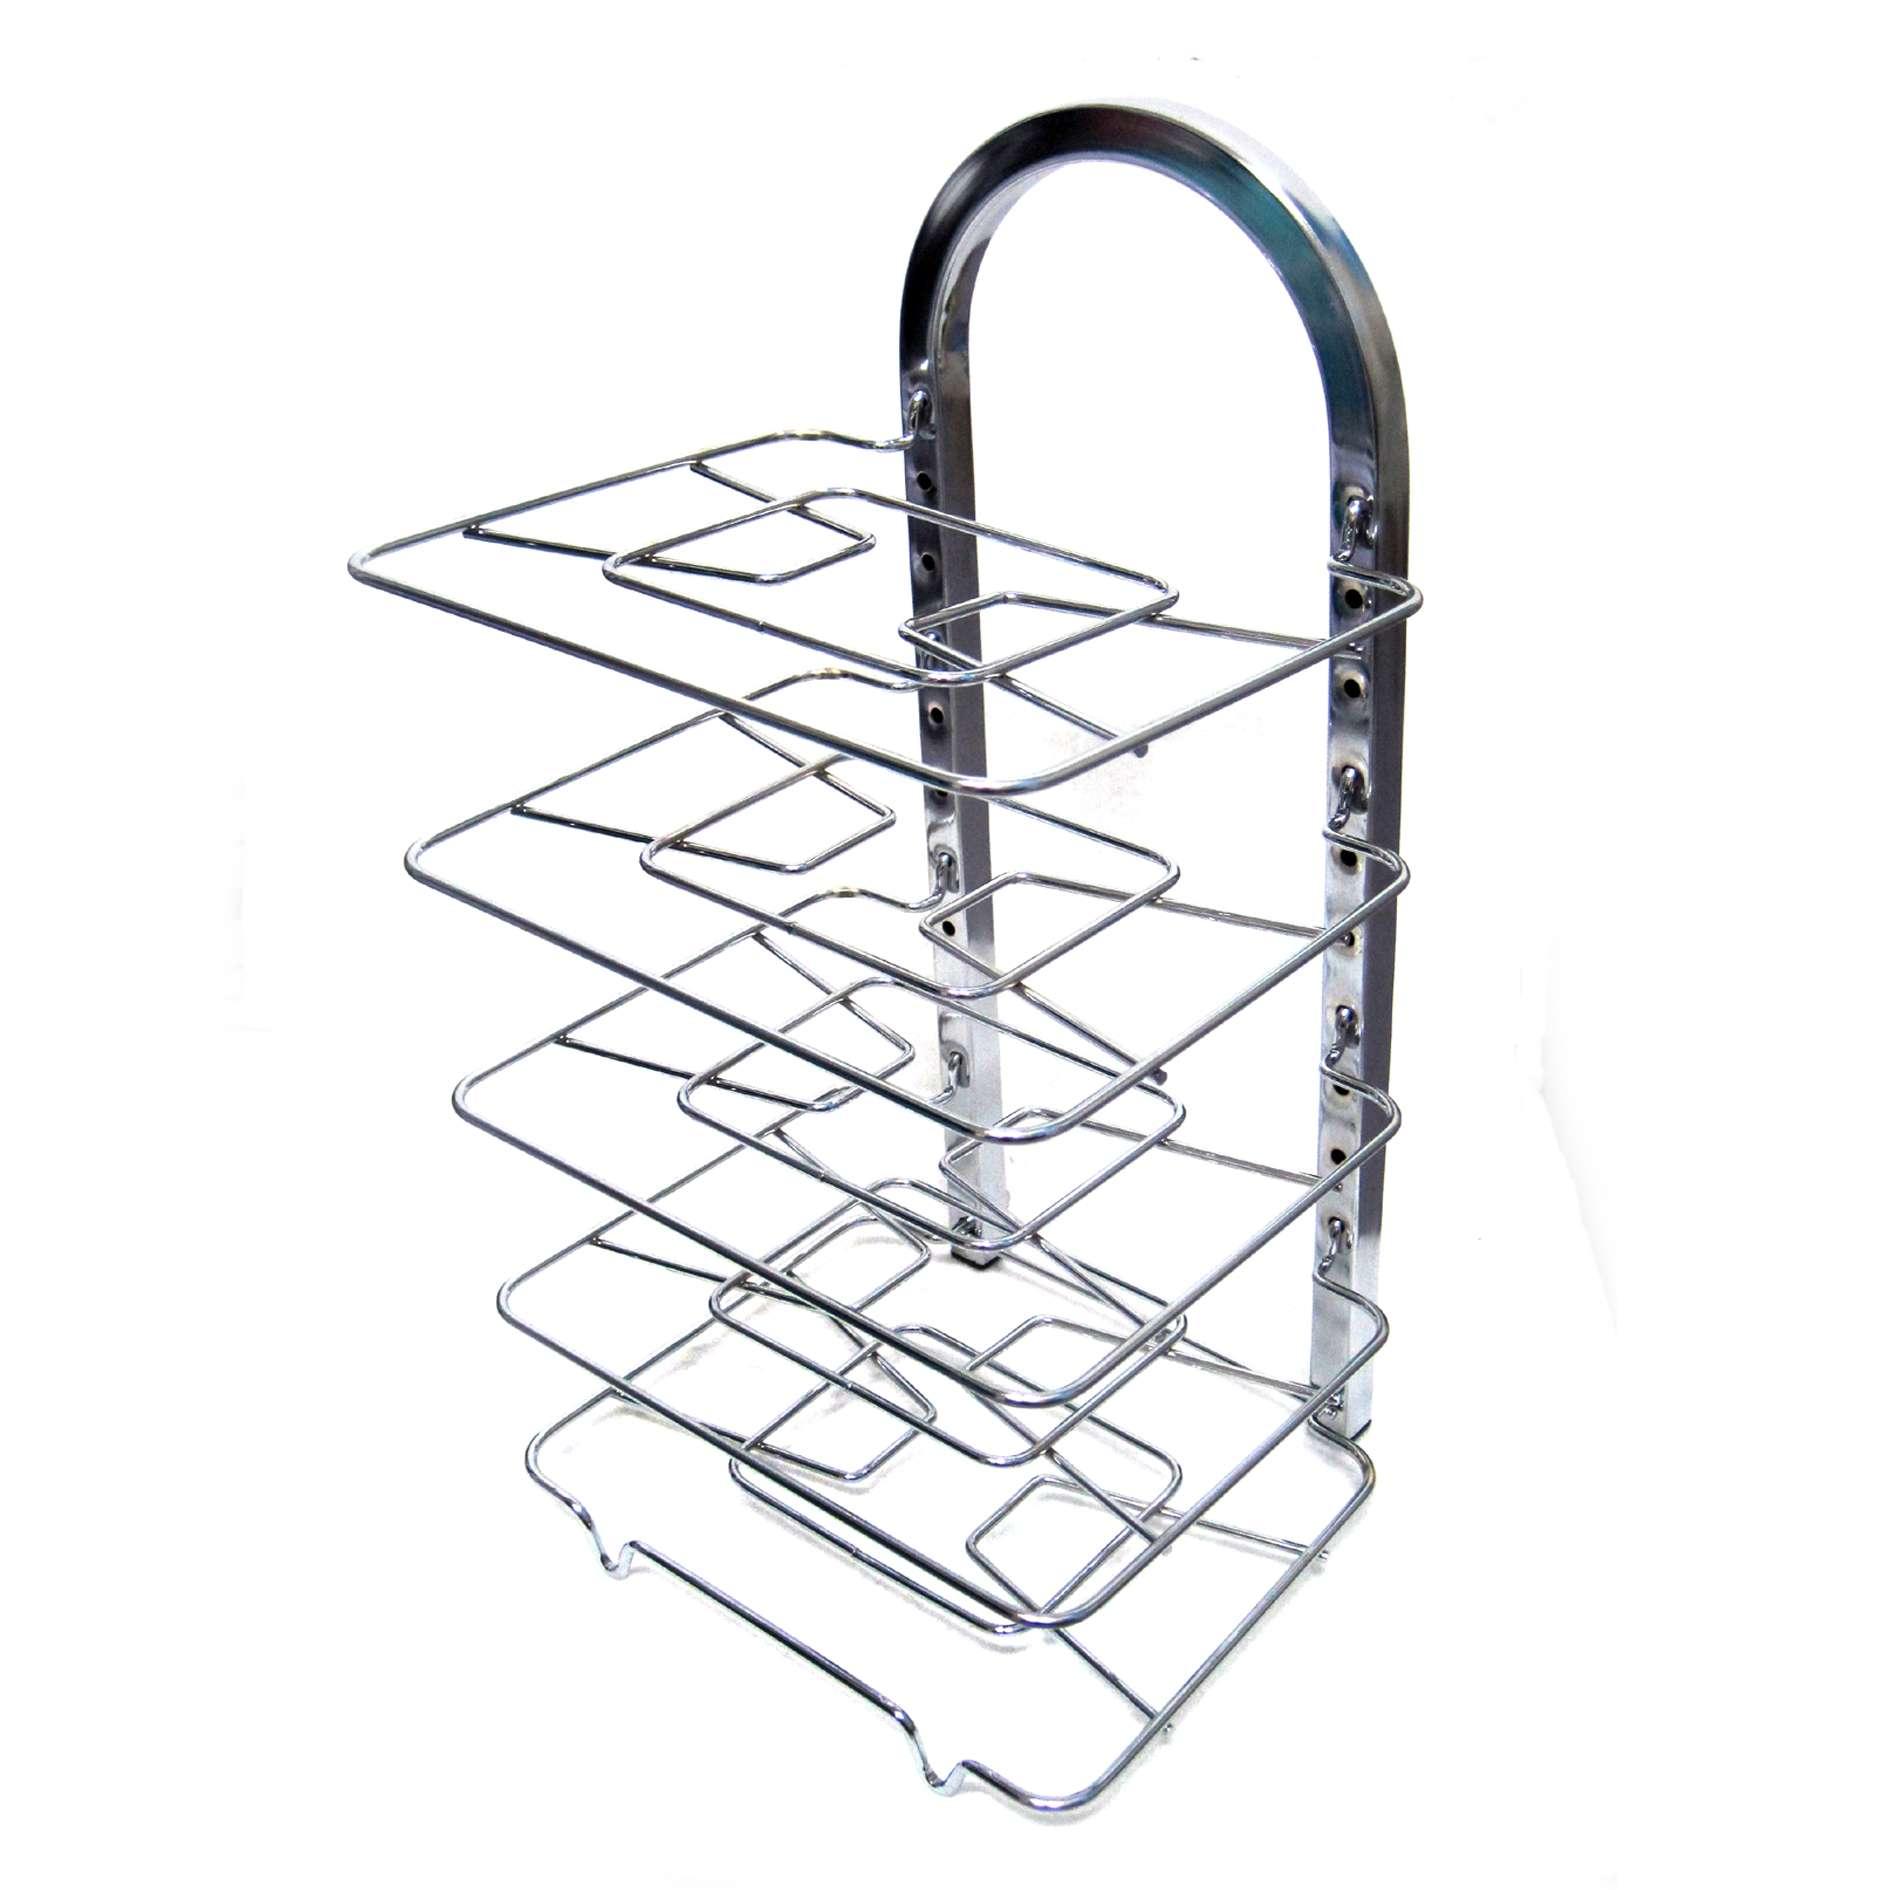 Square Stainless Steel Fry Pan Rack Frying Pan Organizer